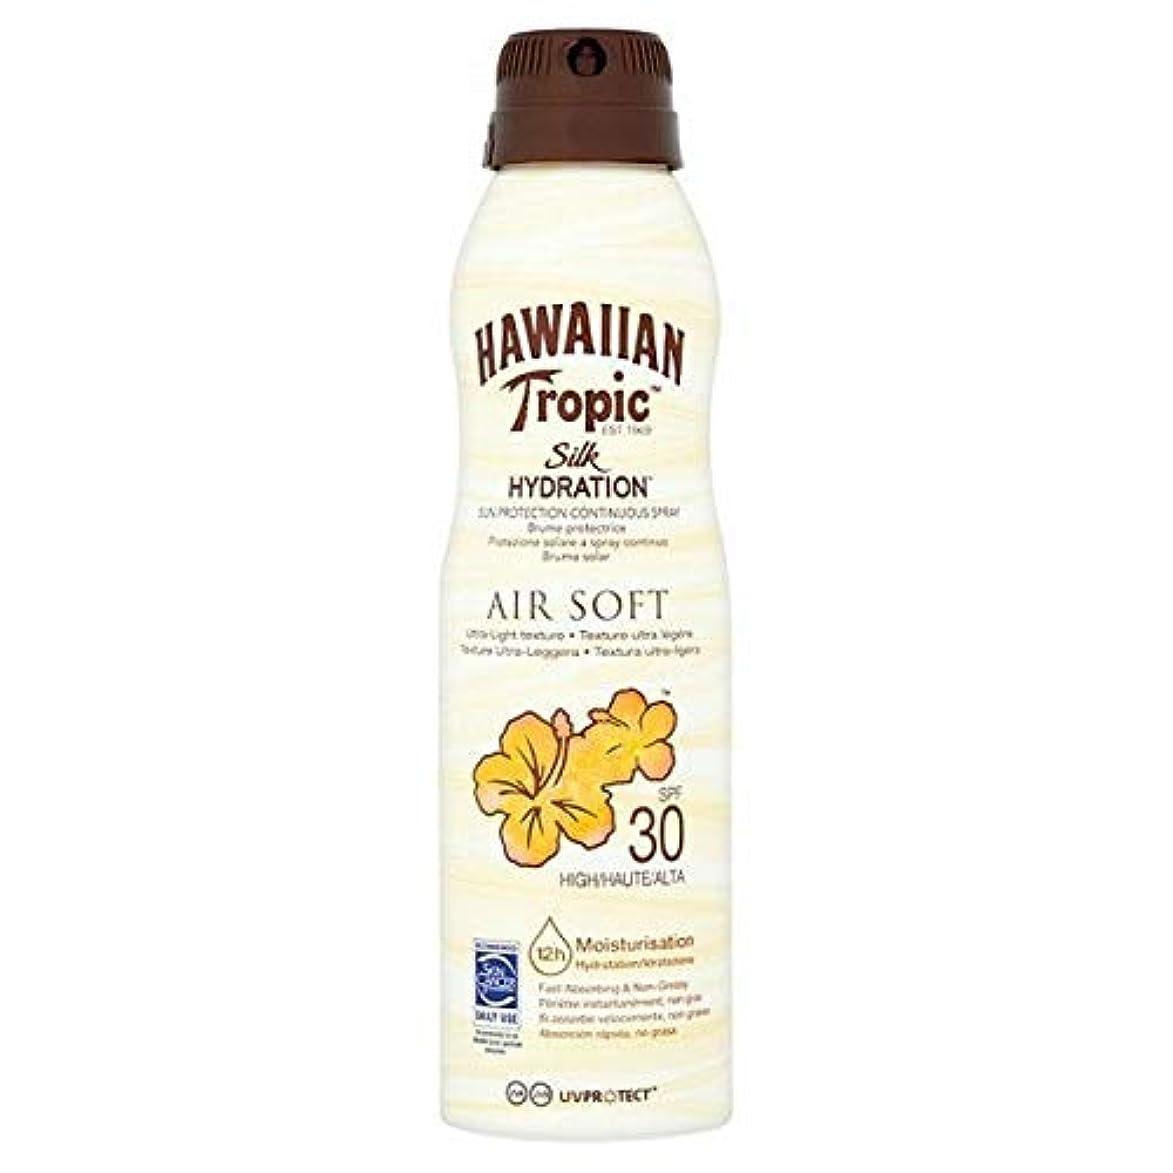 原子味わう不要[Hawaiian Tropic ] H /向性絹水和エアガン連続スプレーSpf30の177ミリリットル - H/Tropic Silk Hydration Airsoft Continuous Spray SPF30...